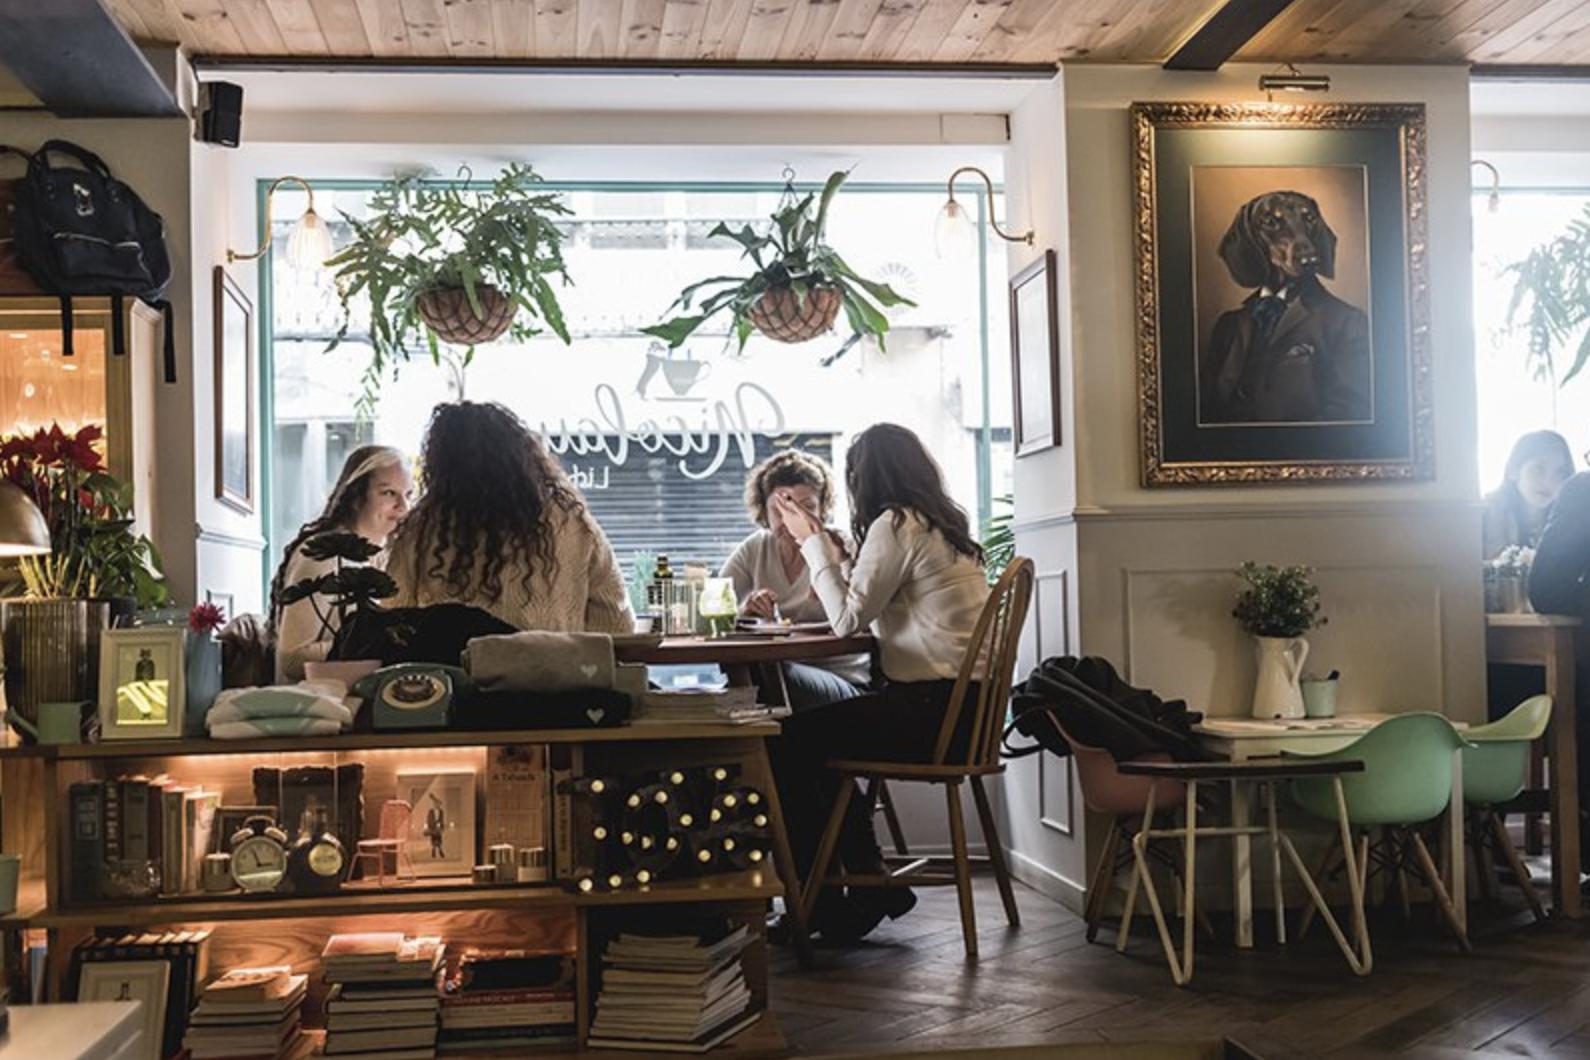 Jakie są najlepsze najpiękniejsze kawiarnie w Lizbonie Lizbona Kawiarnie Przytulne Miejsce Cafe Pastelarie Kawiarenki Najładniejsze Polecane TOP Przewodnik po Lizbonie i Portugalii